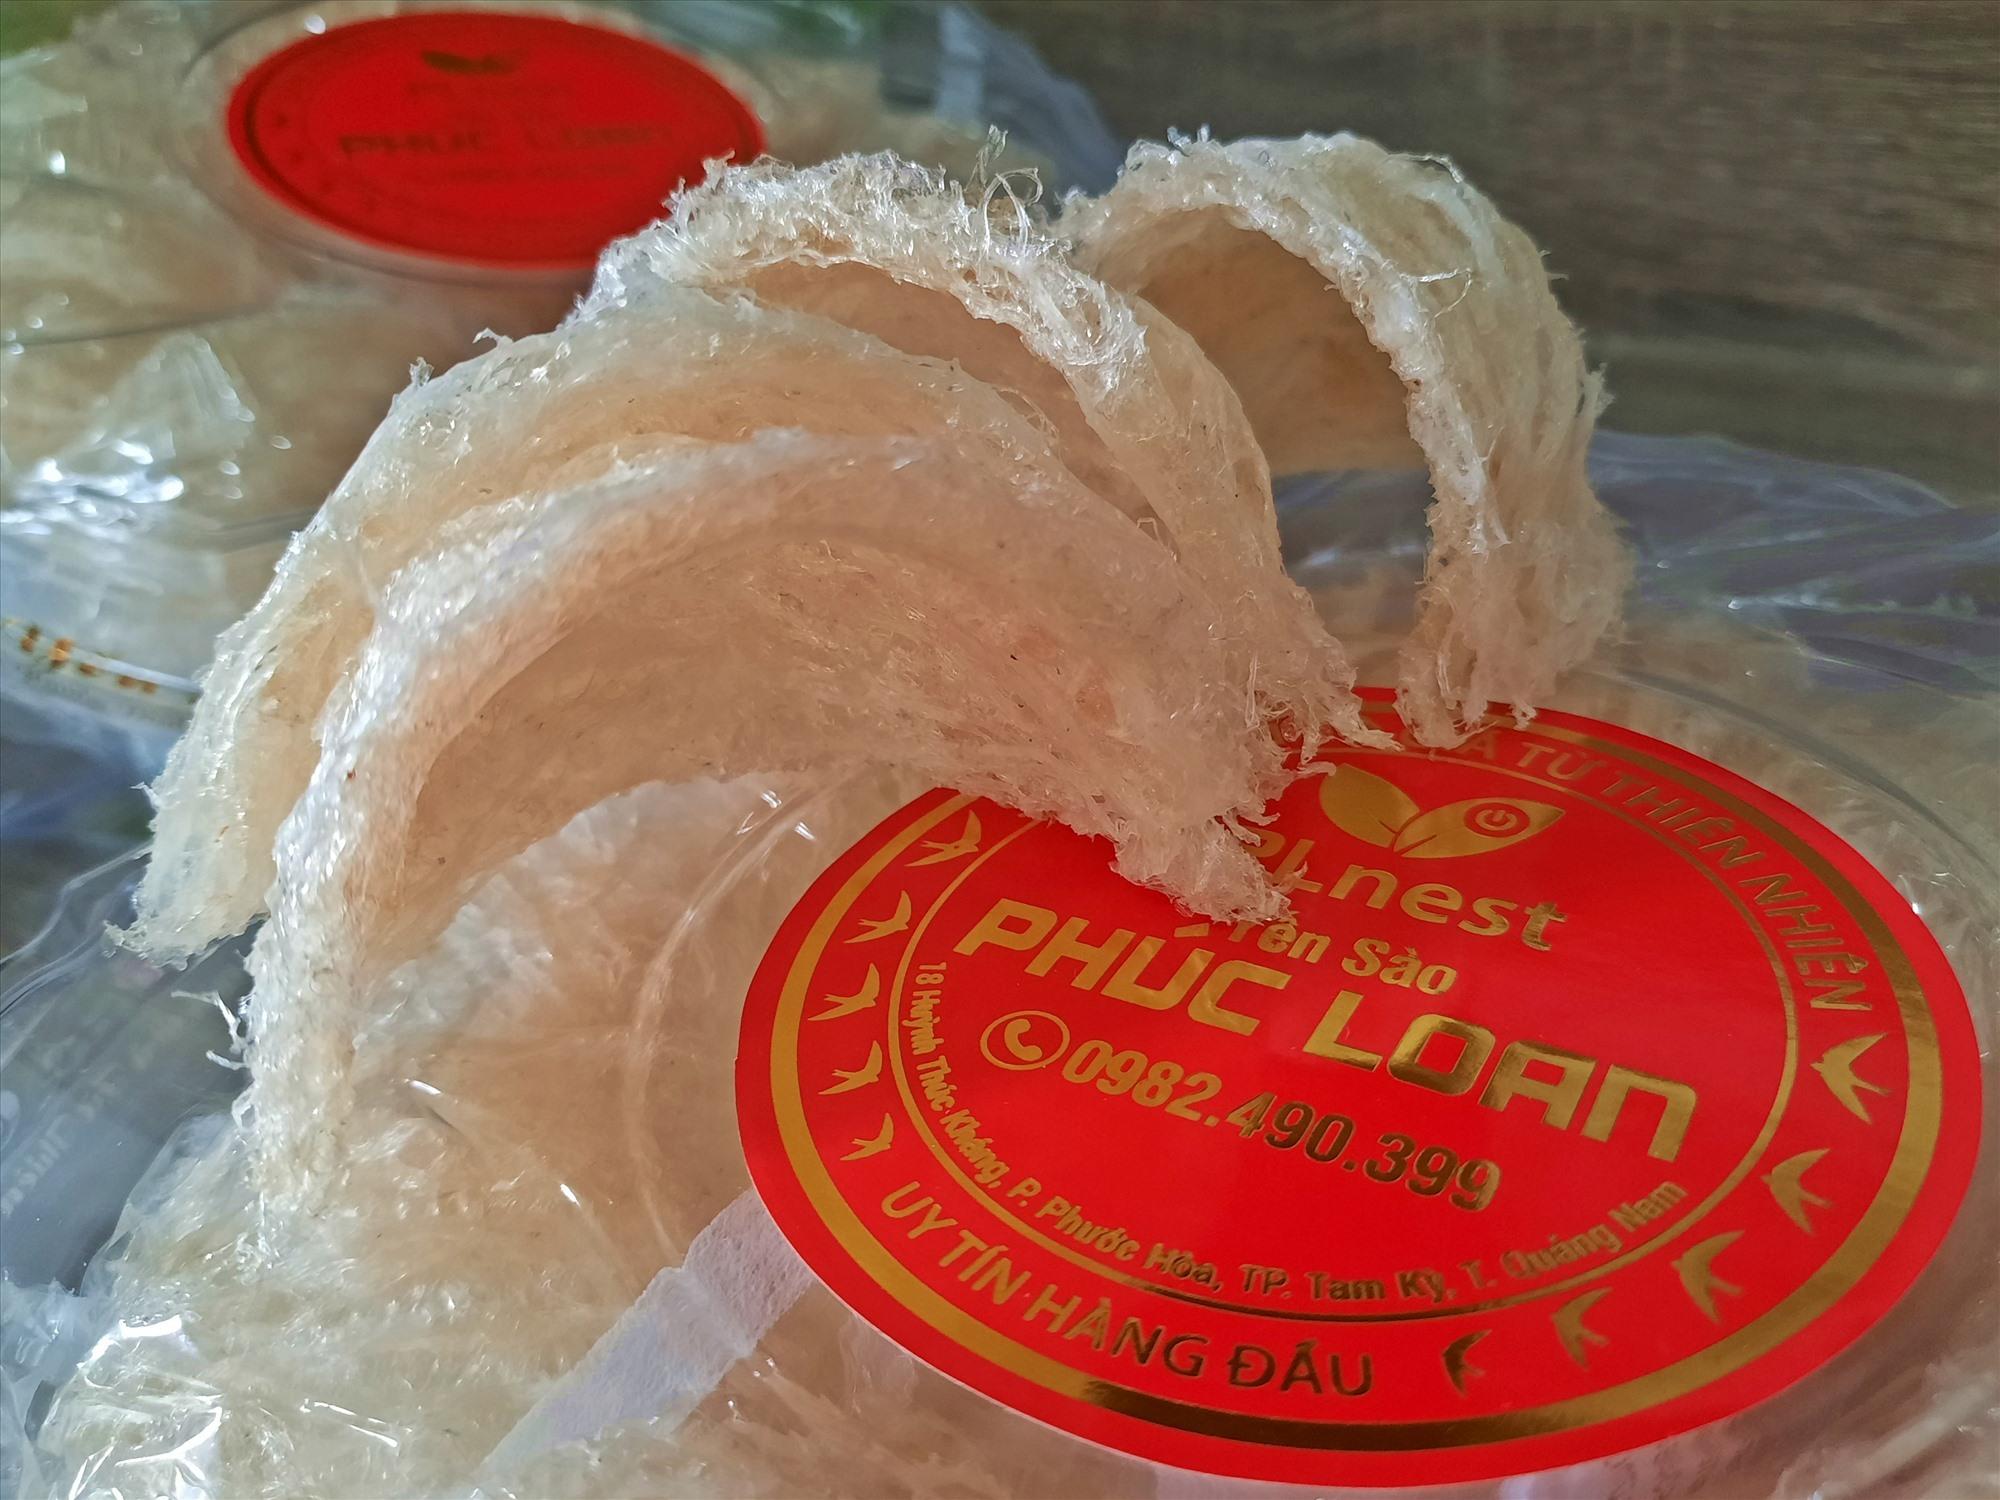 Phuc Loan refined swallow nest